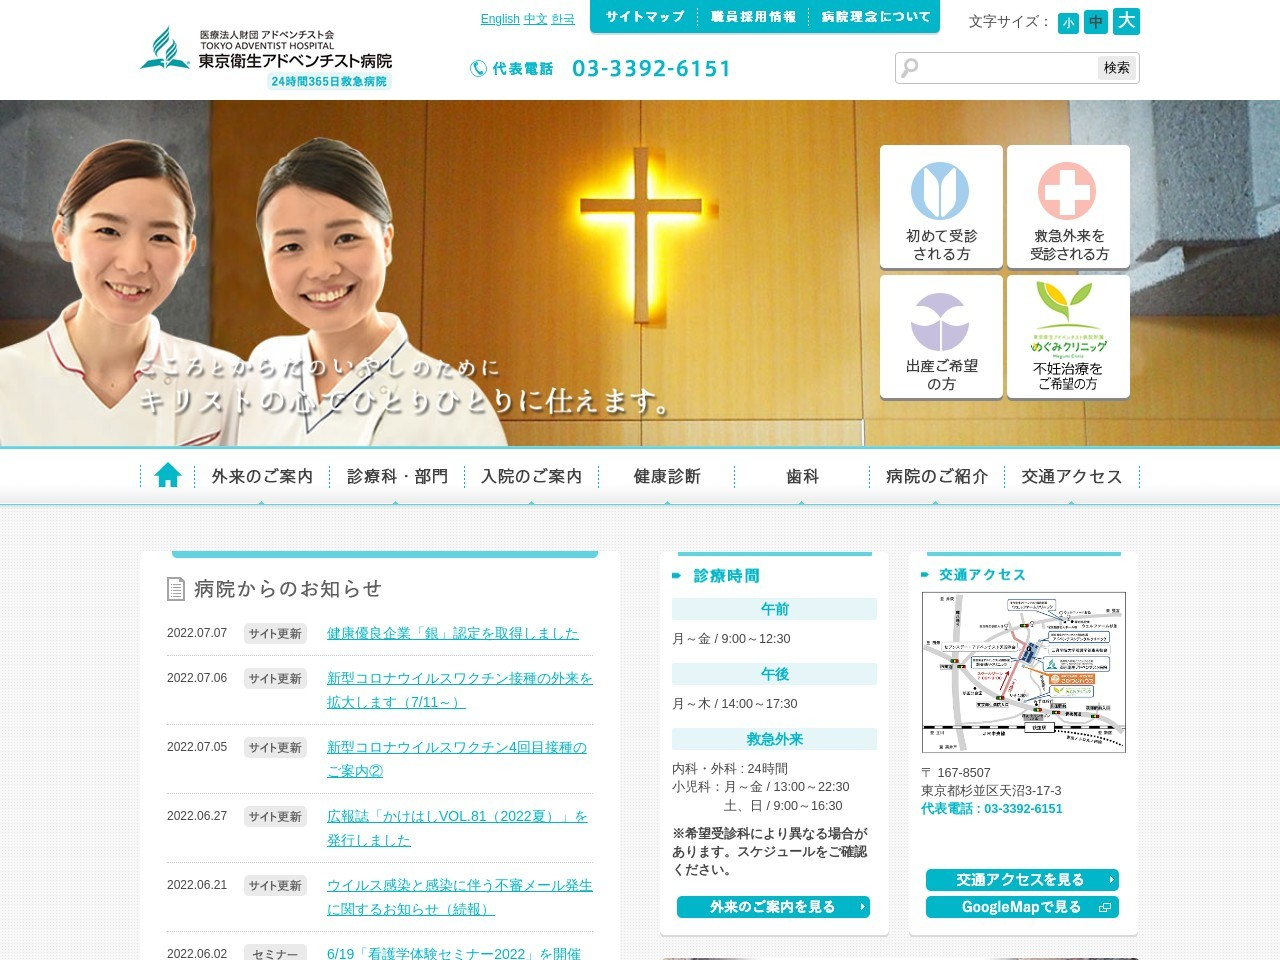 アドベンチスト会 東京衛生病院